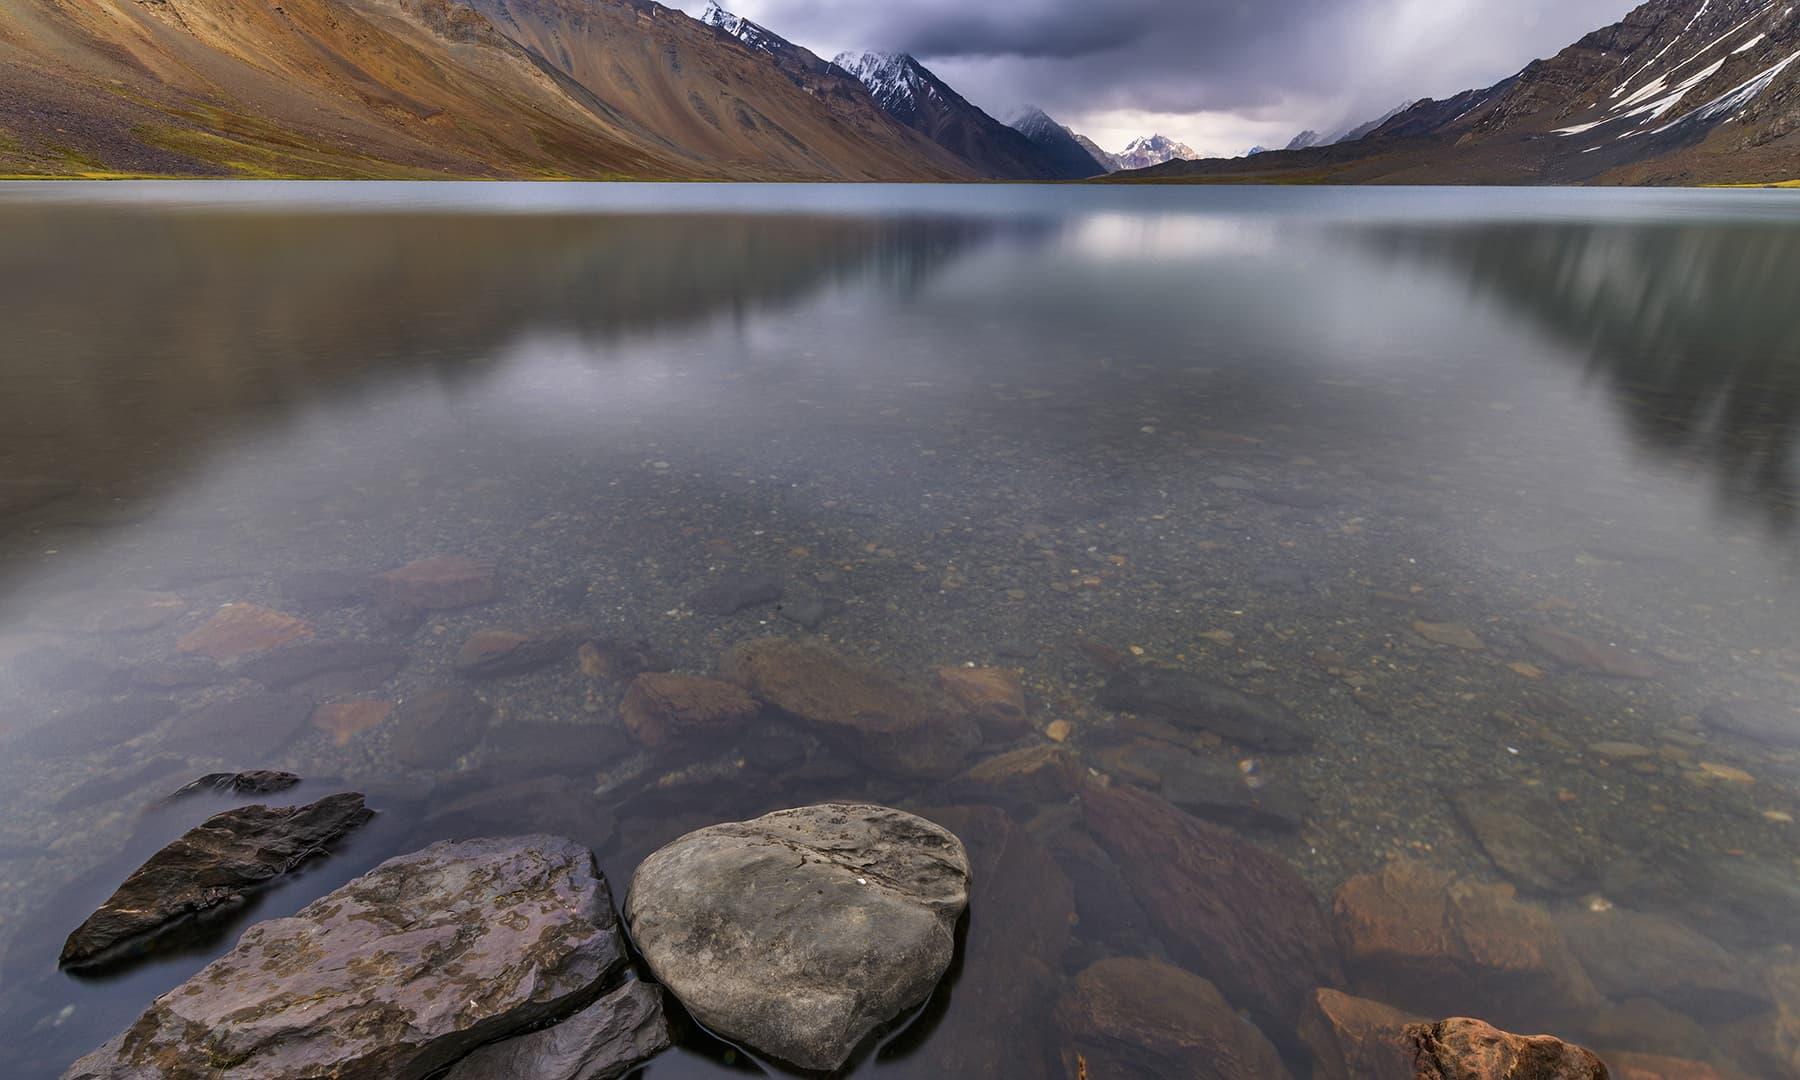 کرومبر جھیل کا دیدار ہوا—سید مہدی بخاری